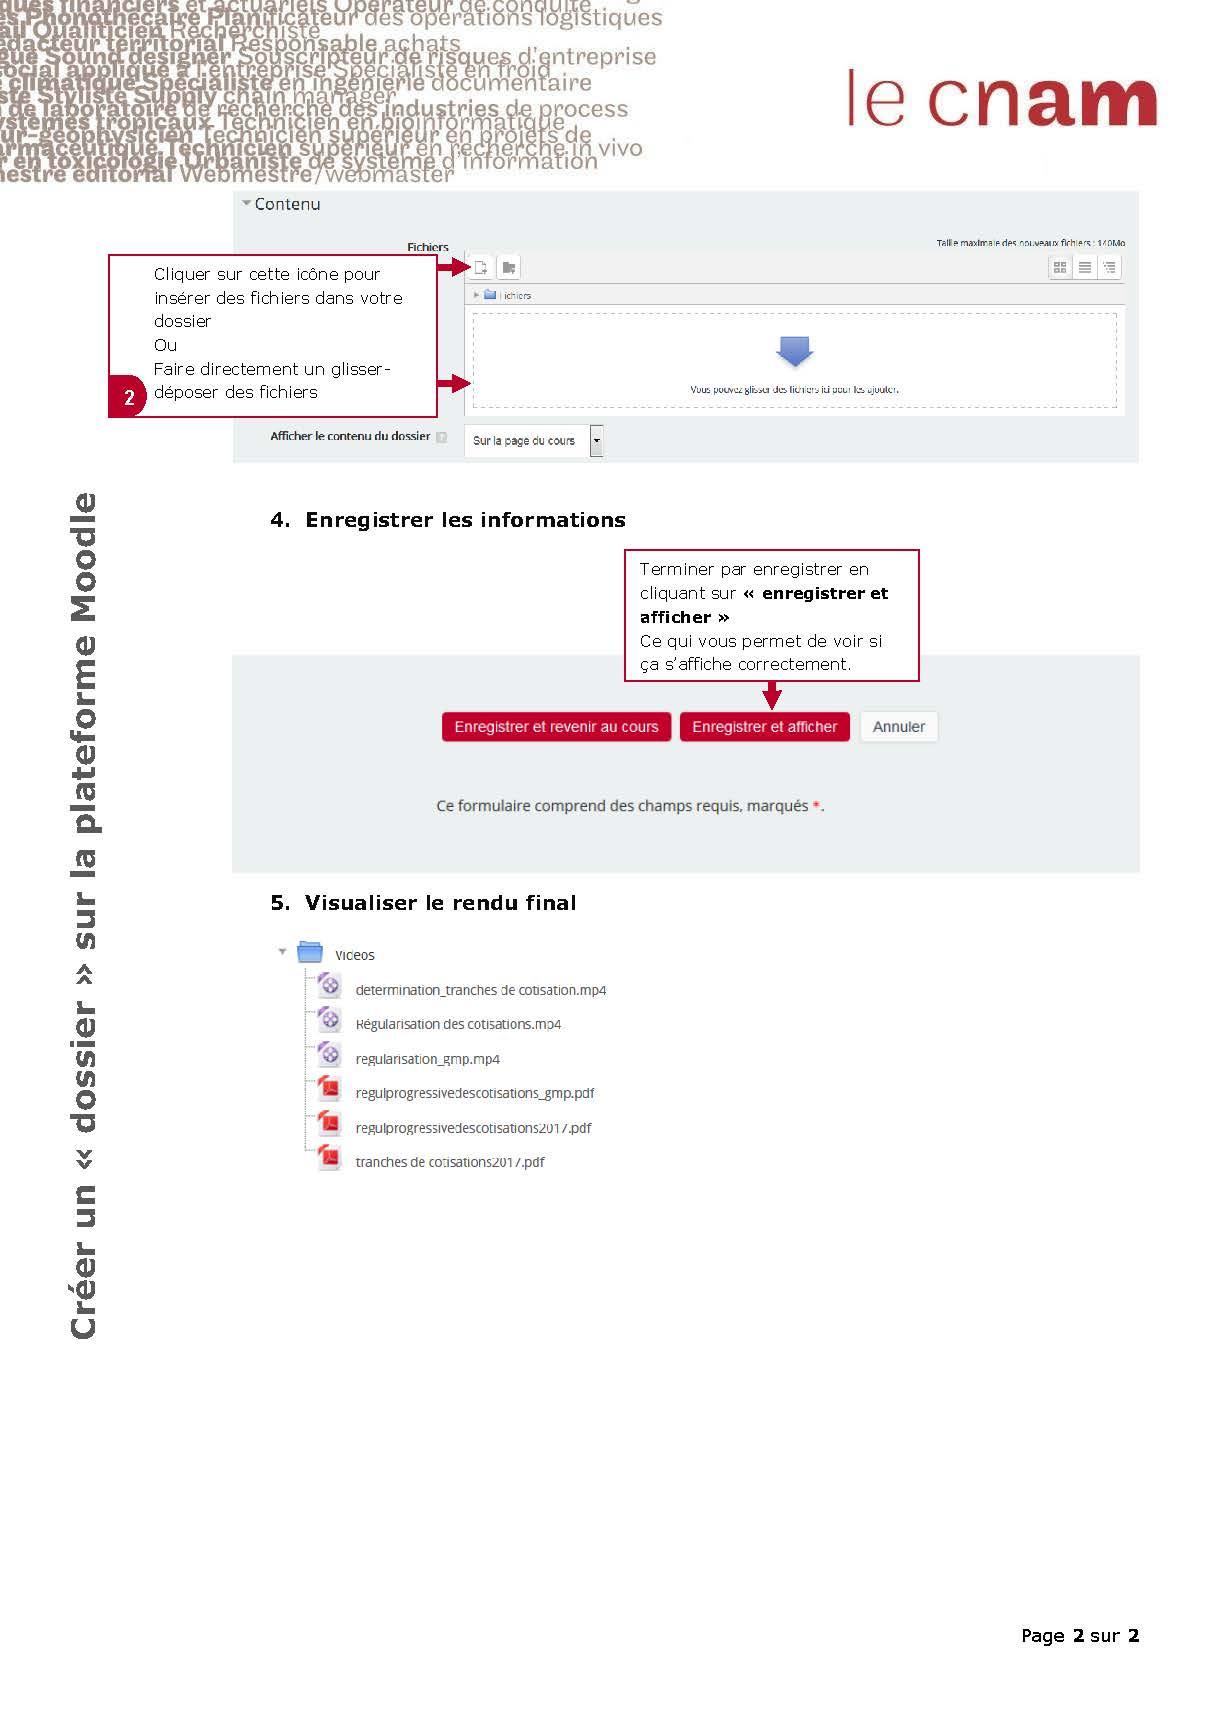 Créer_un_dossier_sur_Moodle_Page_2